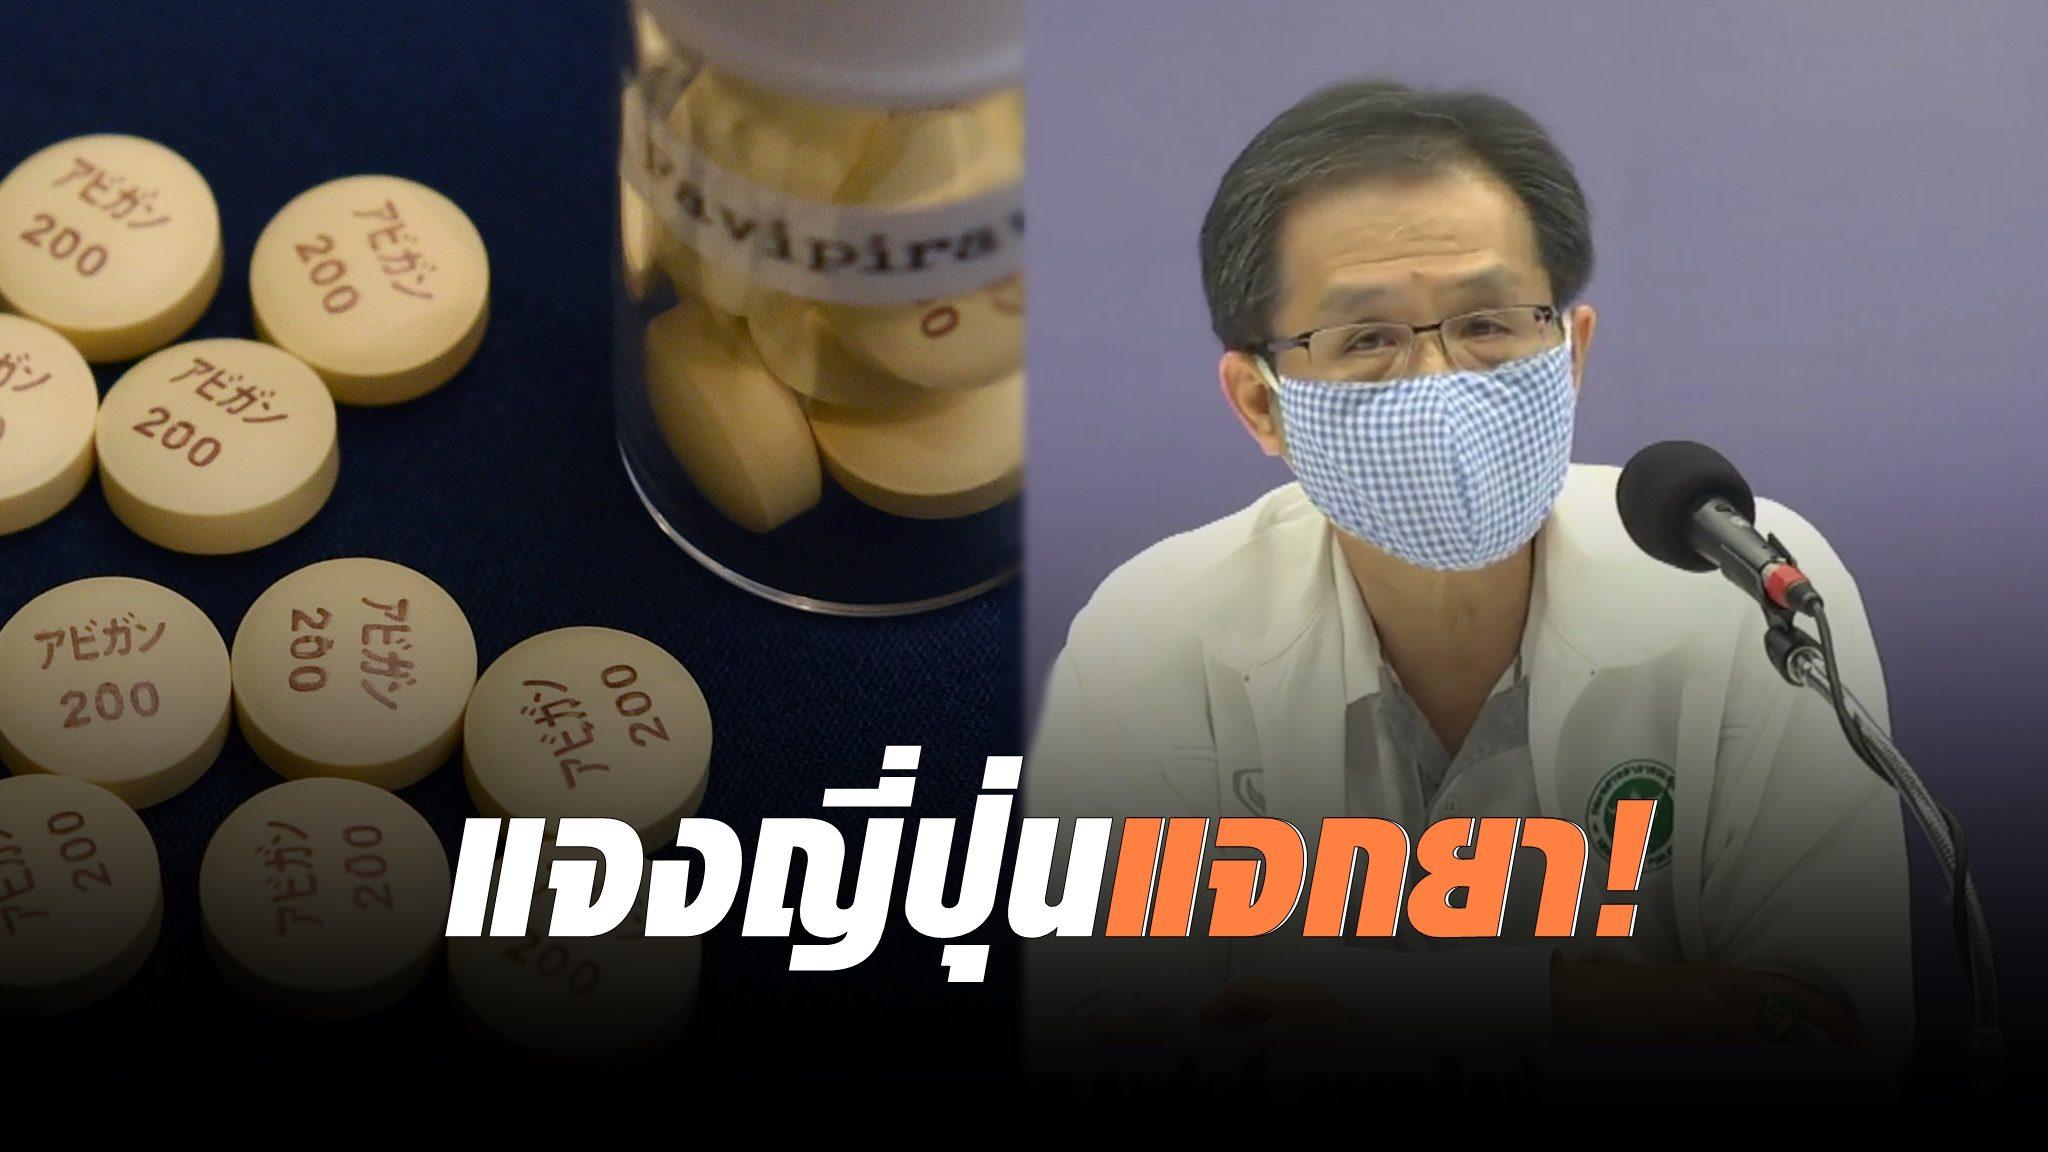 สธ. แจงครหาจัดซื้อยารักษา โควิด-19 หลังพบญี่ปุ่นแจกยา แค่ทำวิจัยวงเล็ก ไม่ได้ให้ผู้ป่วยทั่วไป